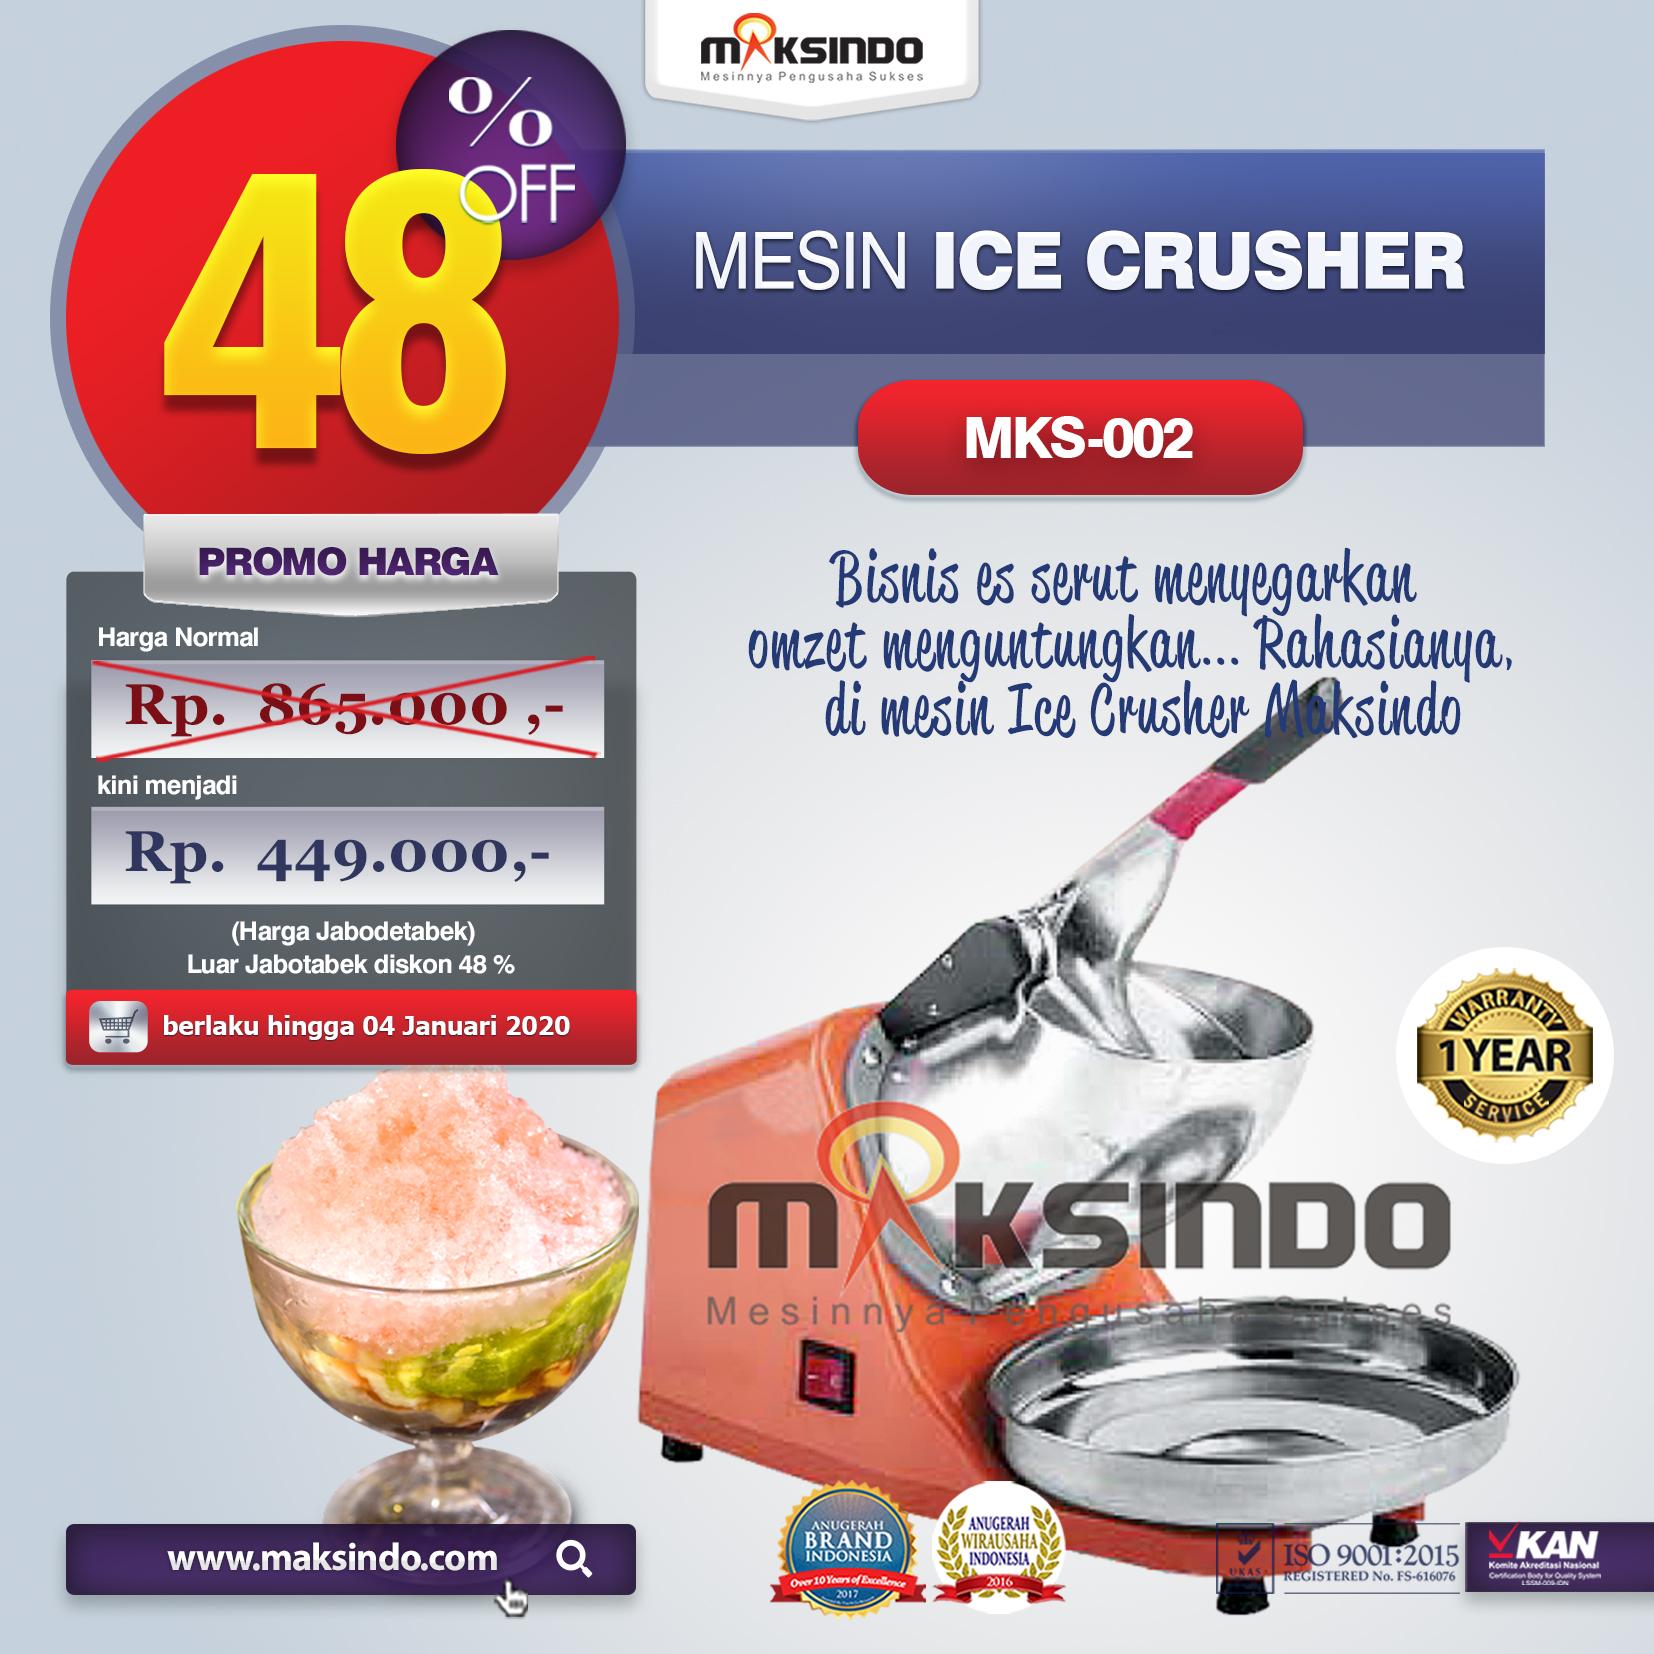 MKS 002 mesin ice crusher